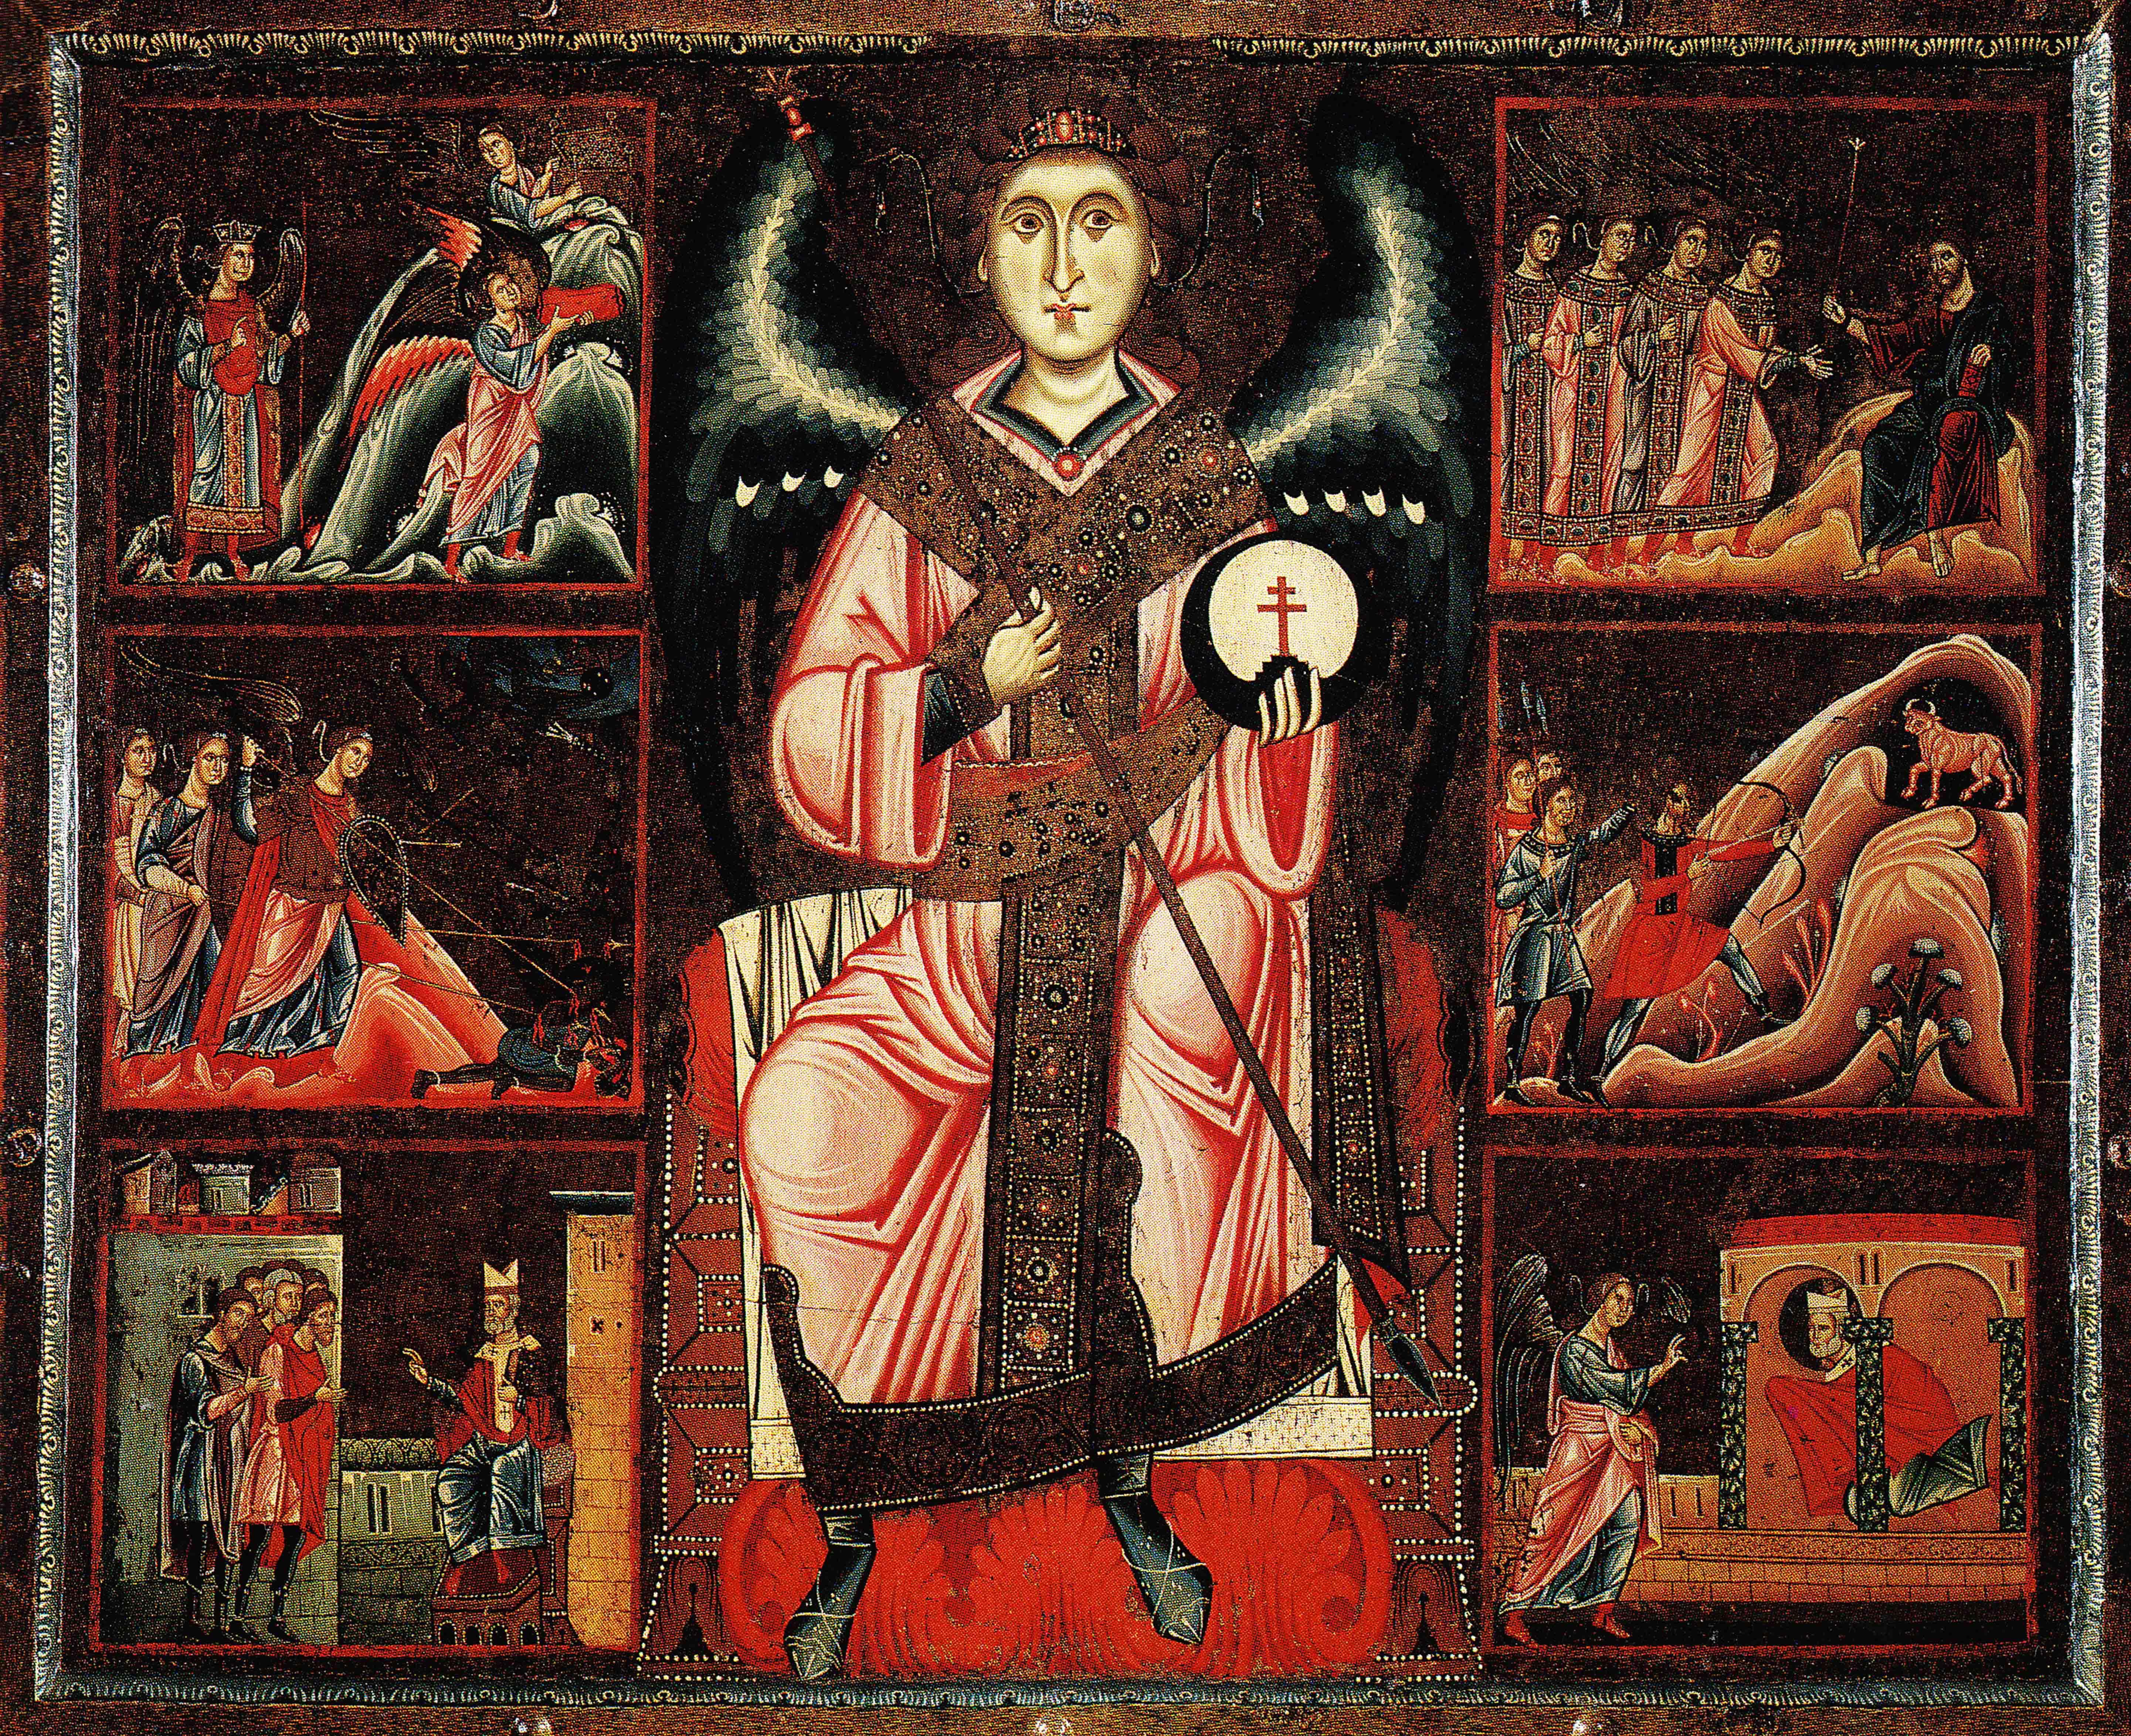 File:Coppo di marcovaldo St Michael and his legend 1250-60 san casciano val d...